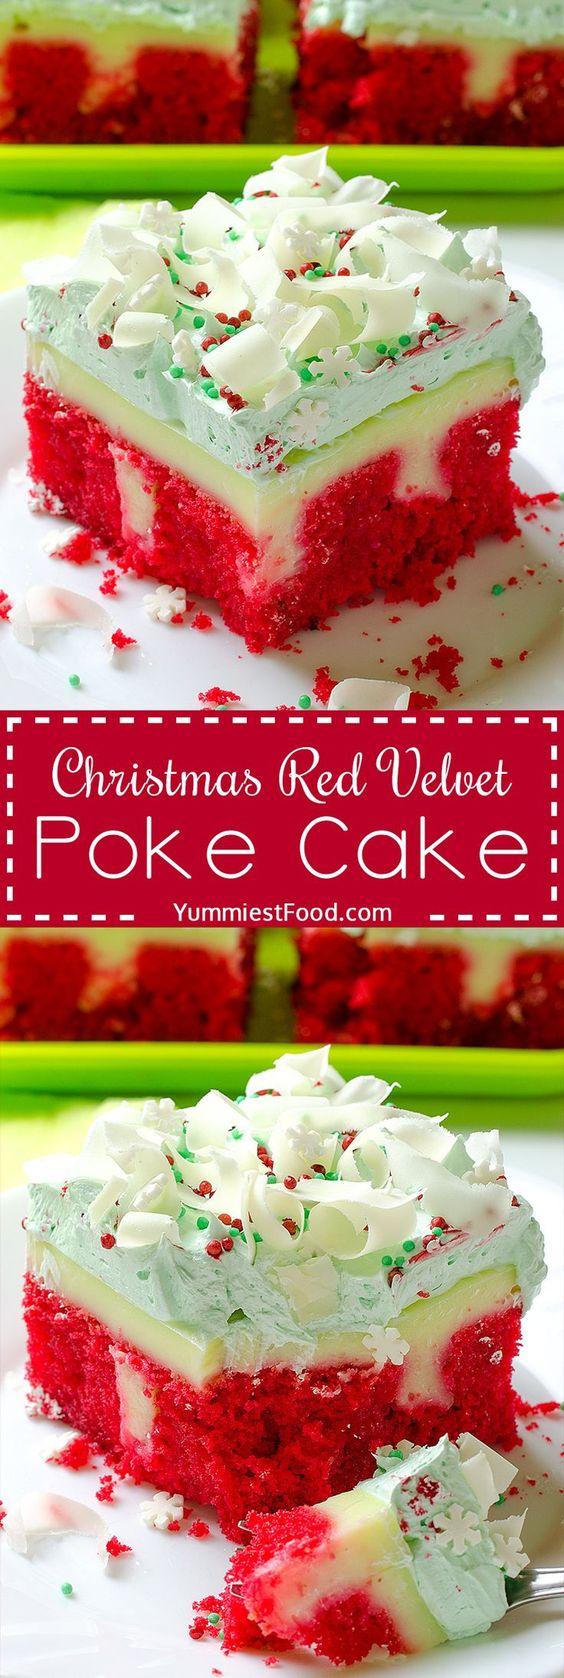 Christmas red velvet poke cake recipe red velvet for Easy delicious christmas dessert recipes